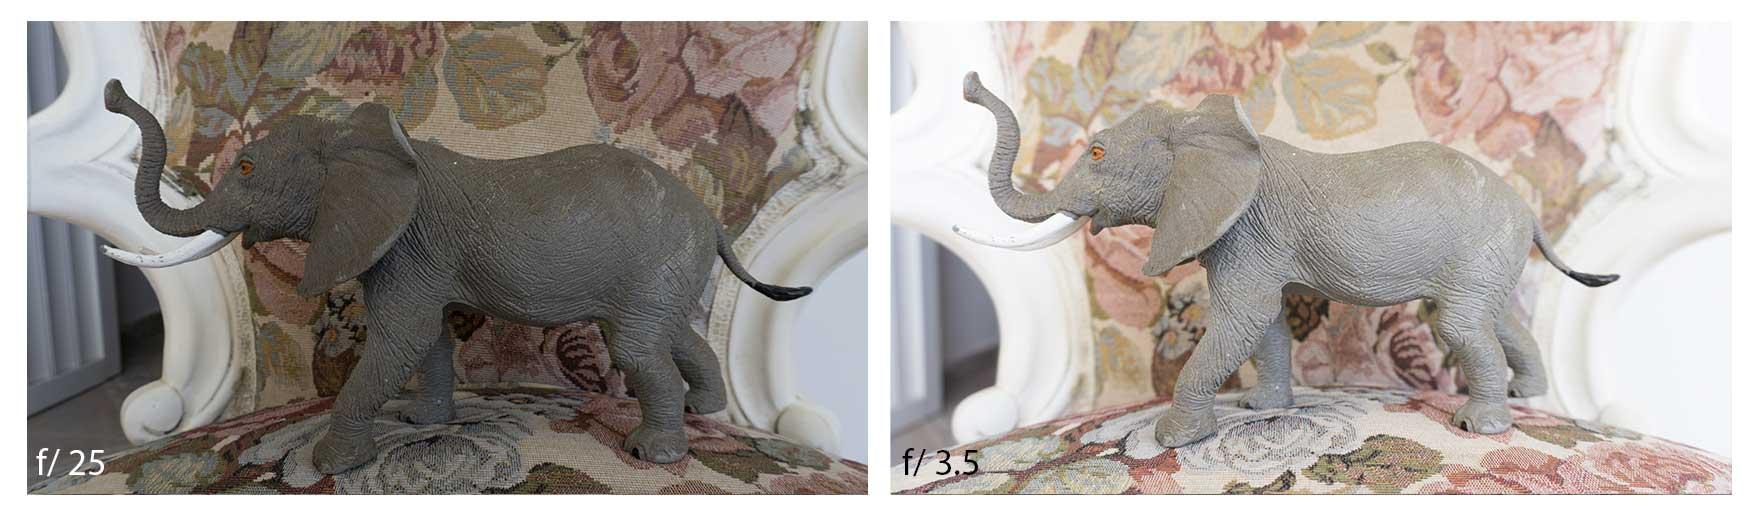 Comparison photo with different diaphragm apertures